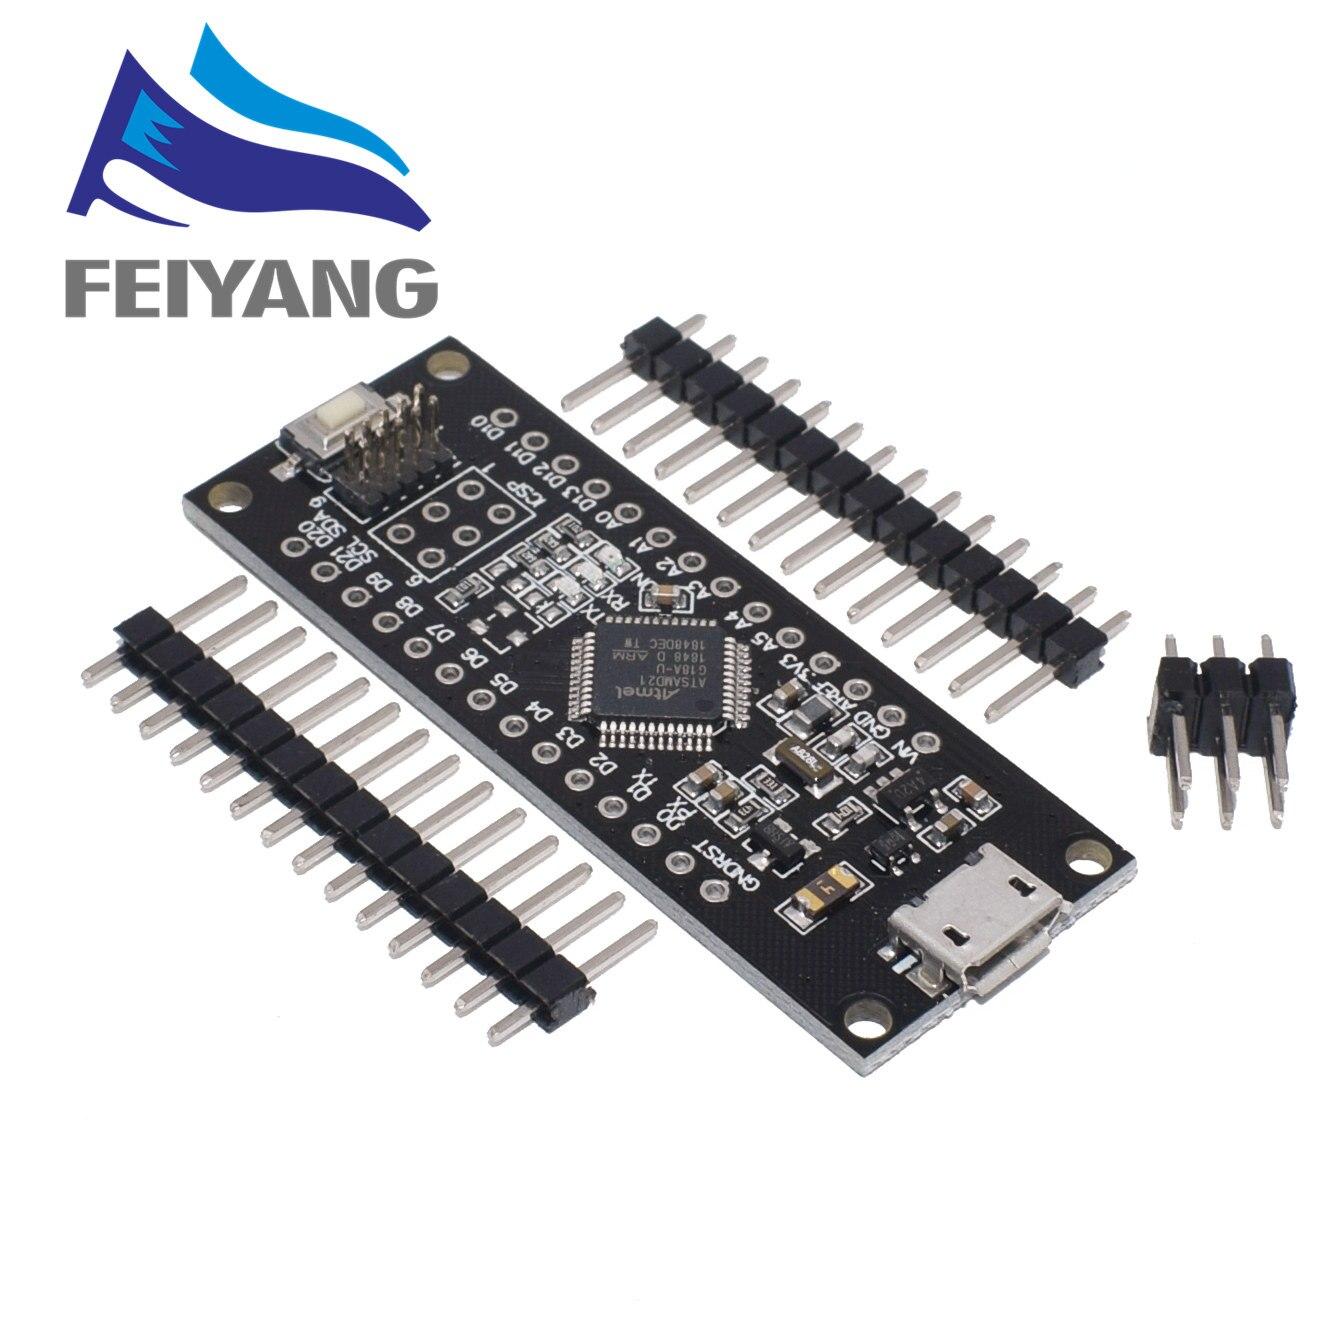 Для WeMos D1 SAMD21 M0 Mini USB для ARM Cortex M0 32-битный удлинитель для Arduino Zero UNO Diy Электронный модуль R3